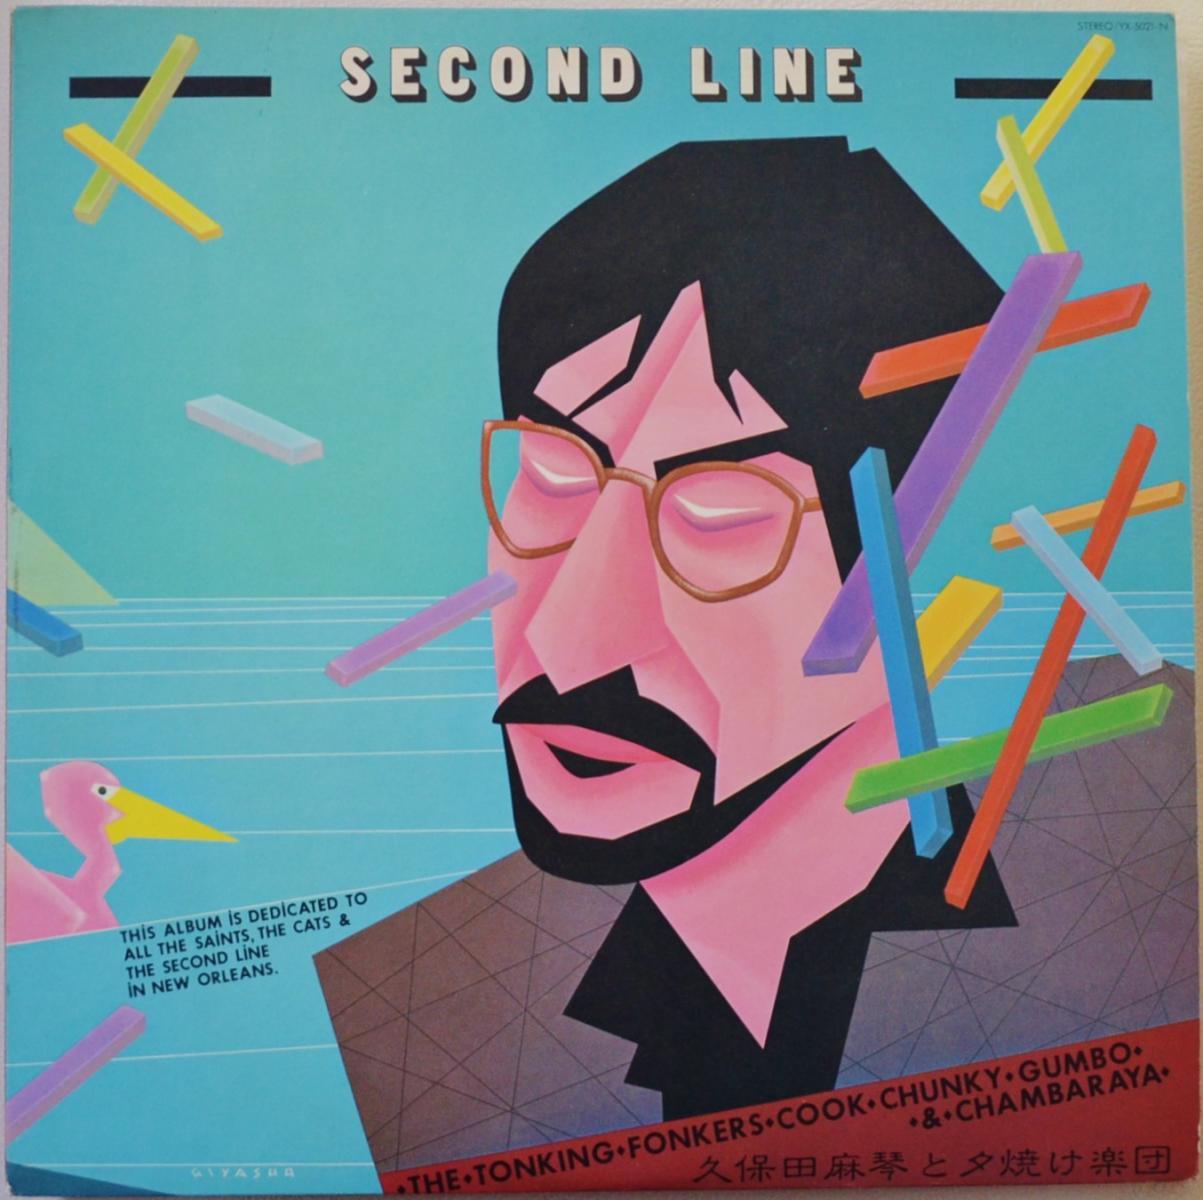 久保田麻琴と夕焼け楽団 / SECOND LINE (LP)